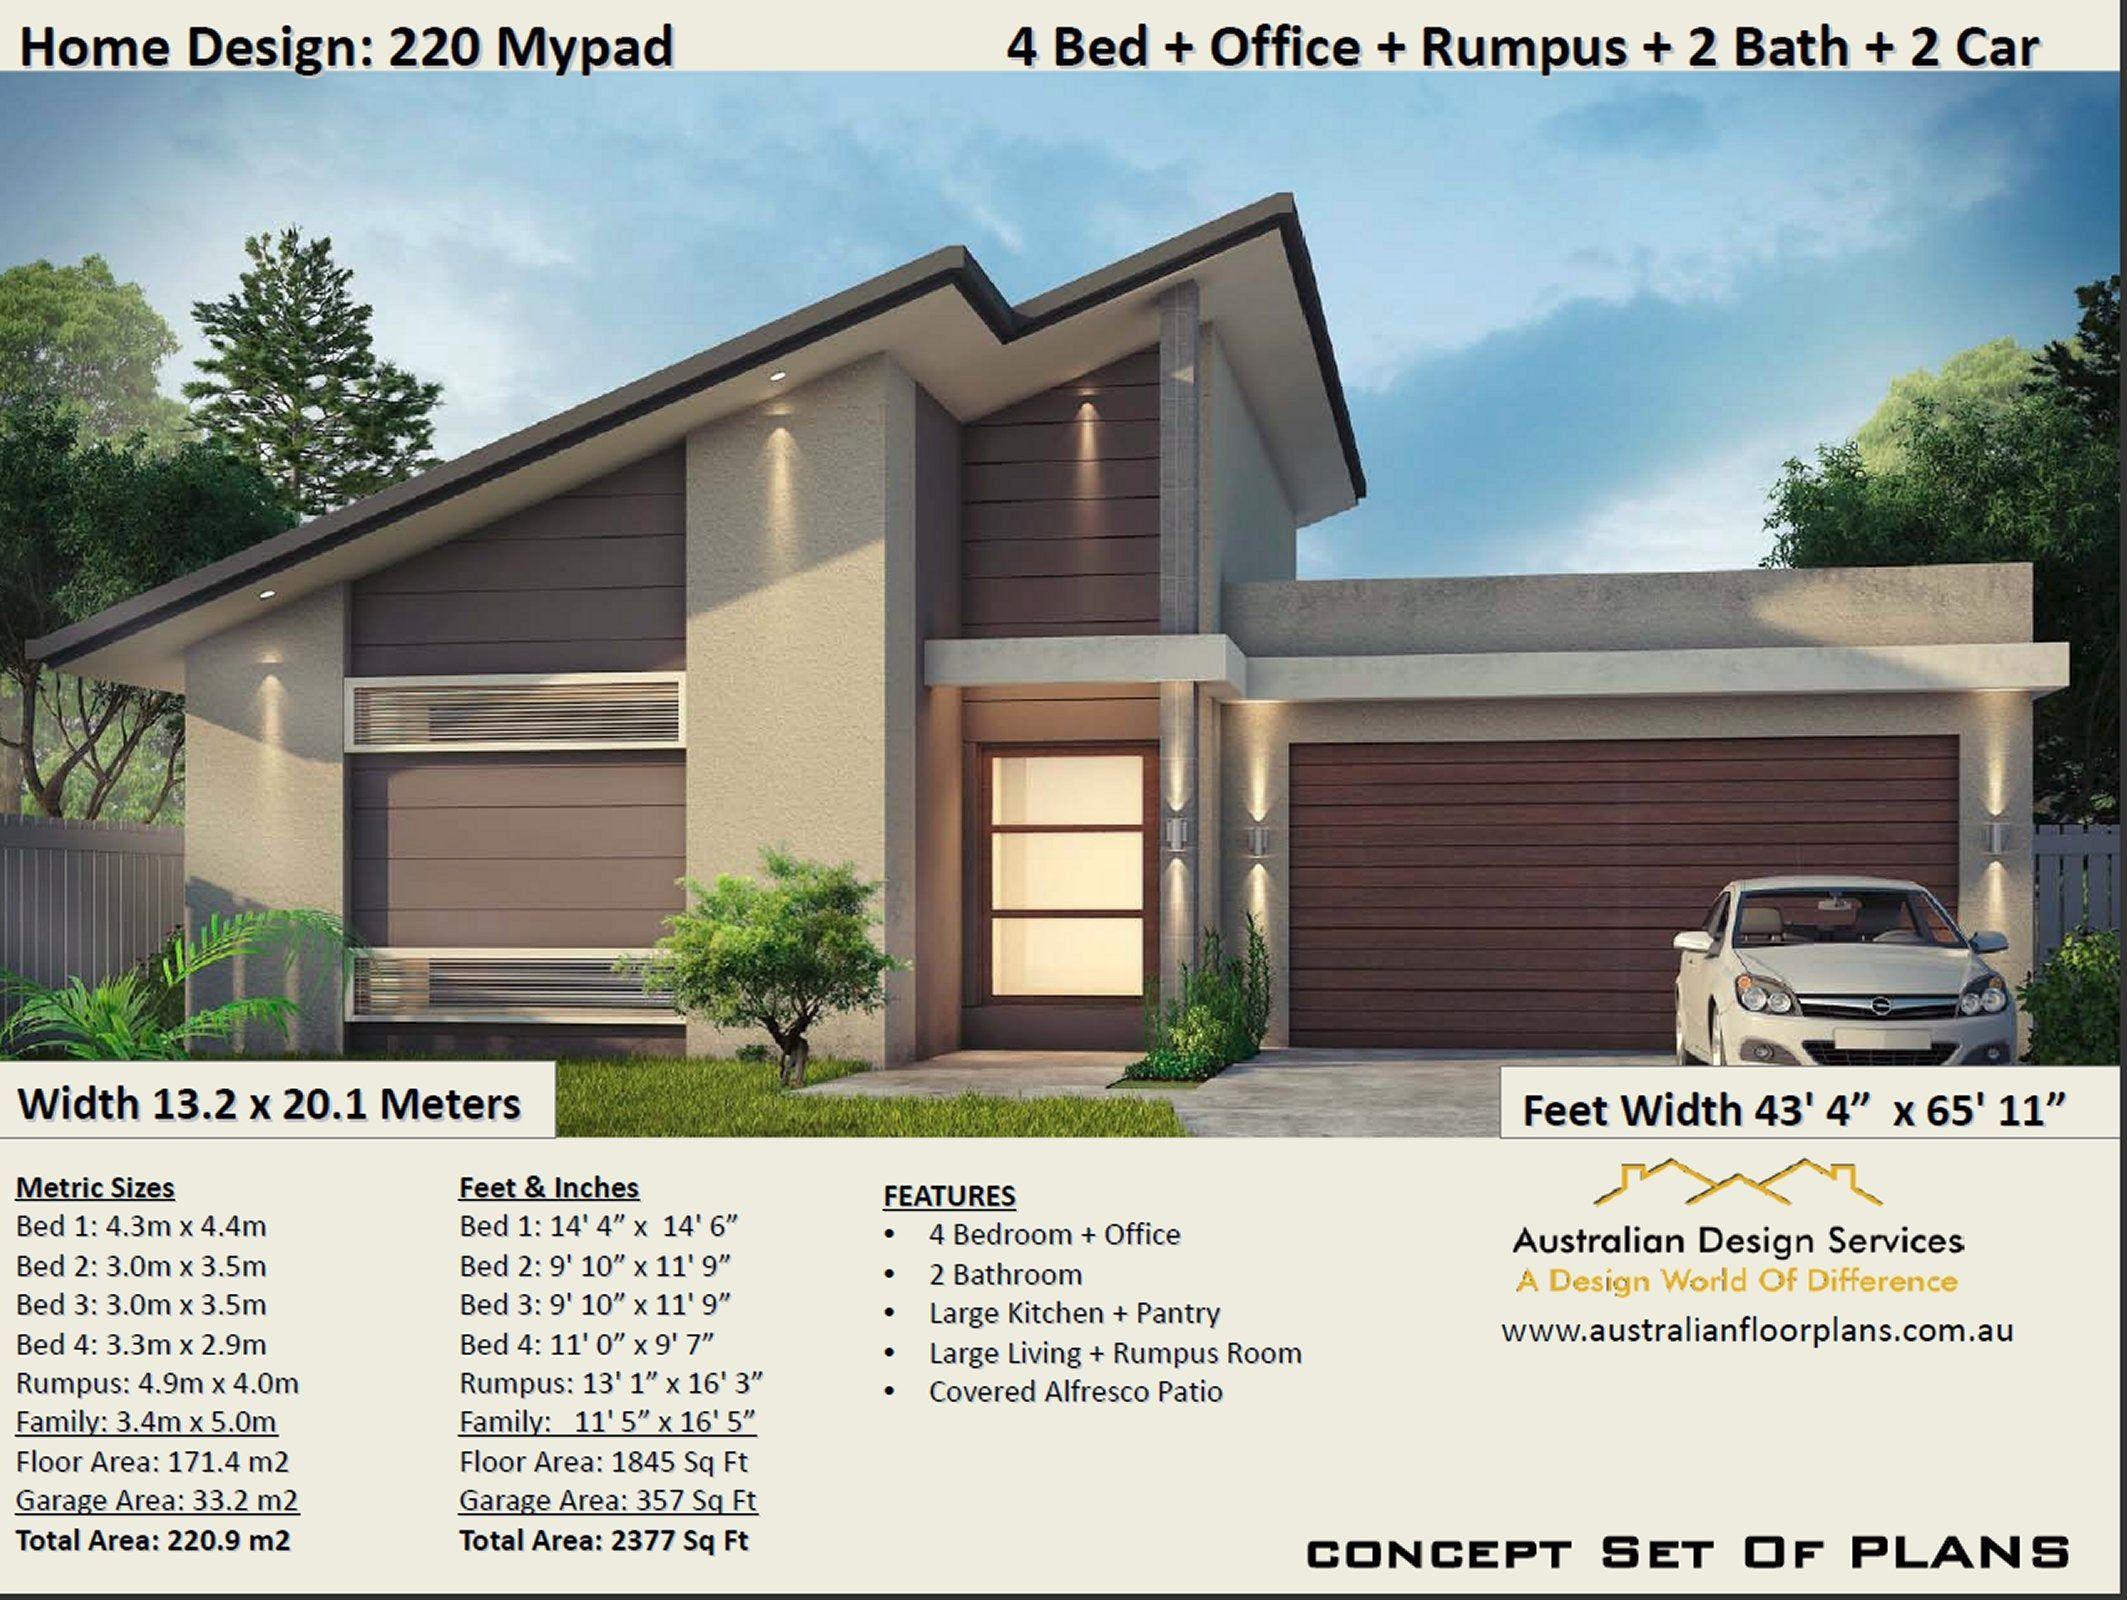 220 M2 2377 Sq Feet 4 Bed Narrow Lot House Plannarrow Etsy In 2020 Narrow Lot House Plans Home Design Floor Plans Narrow Lot House